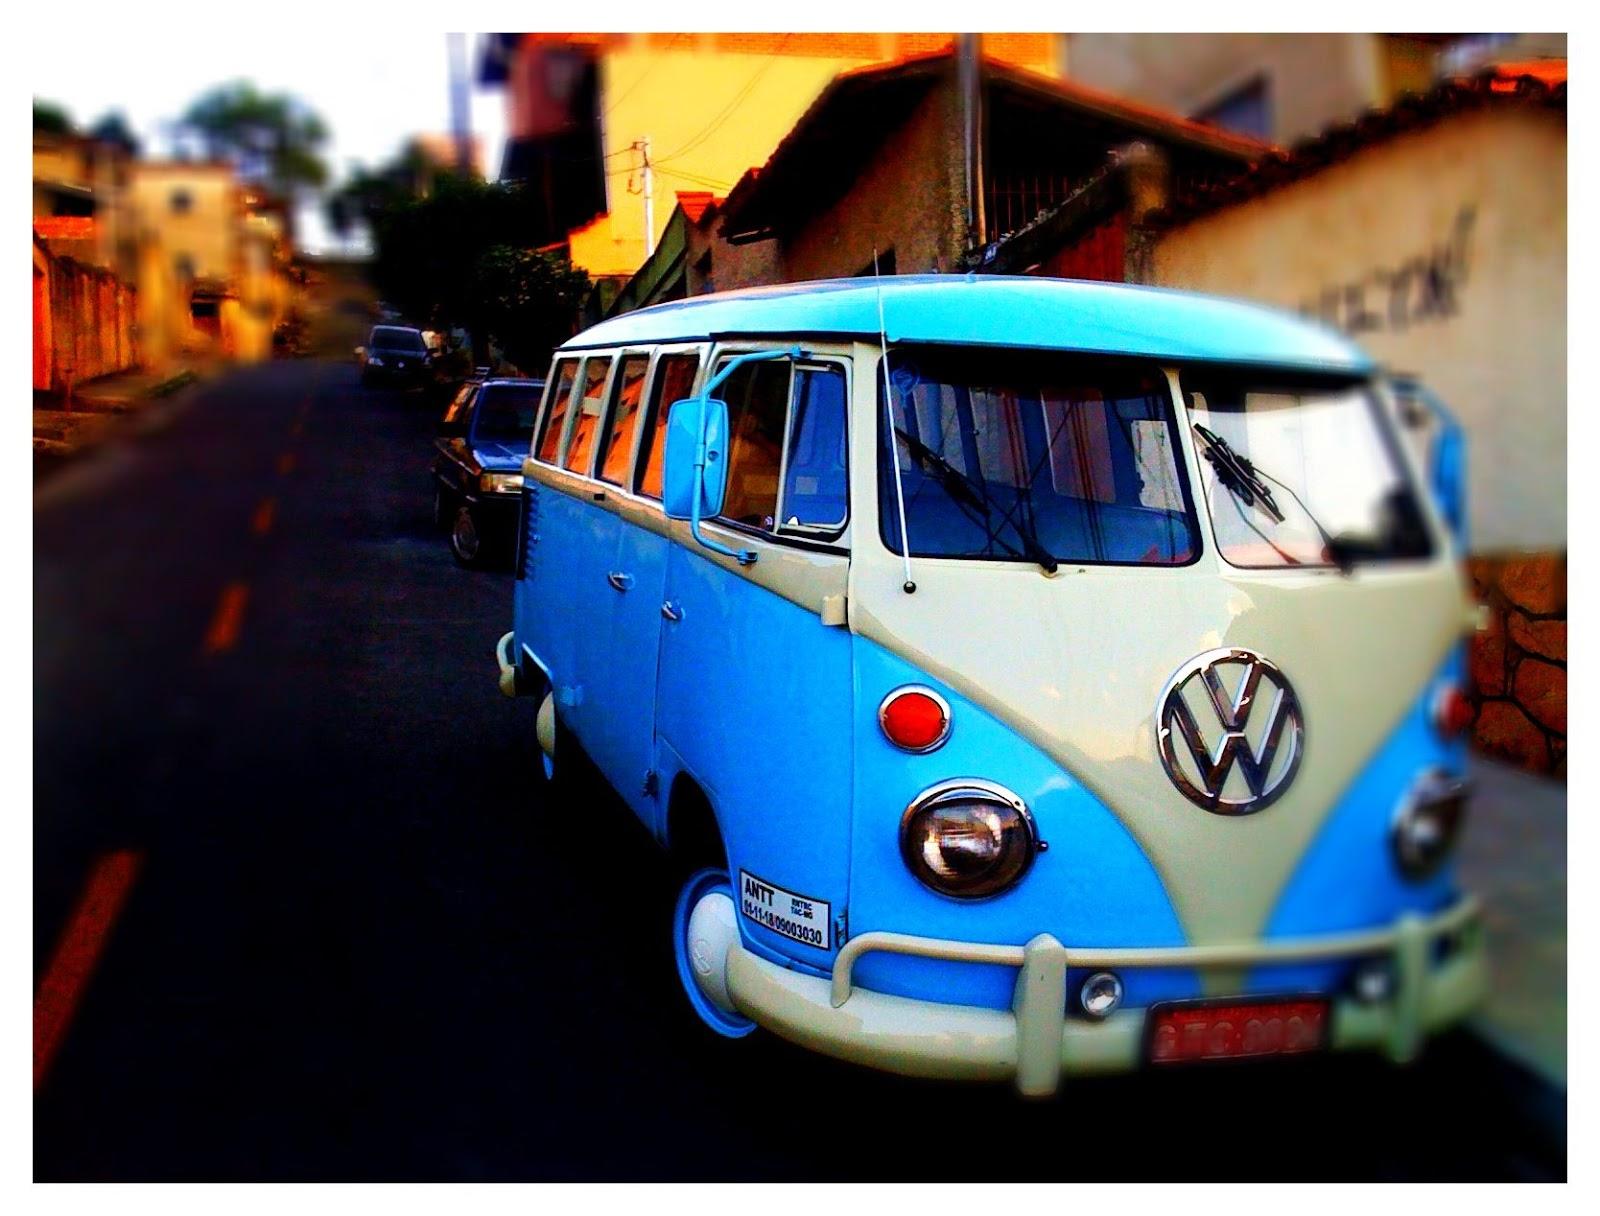 Blue Volkswagen Camper Van